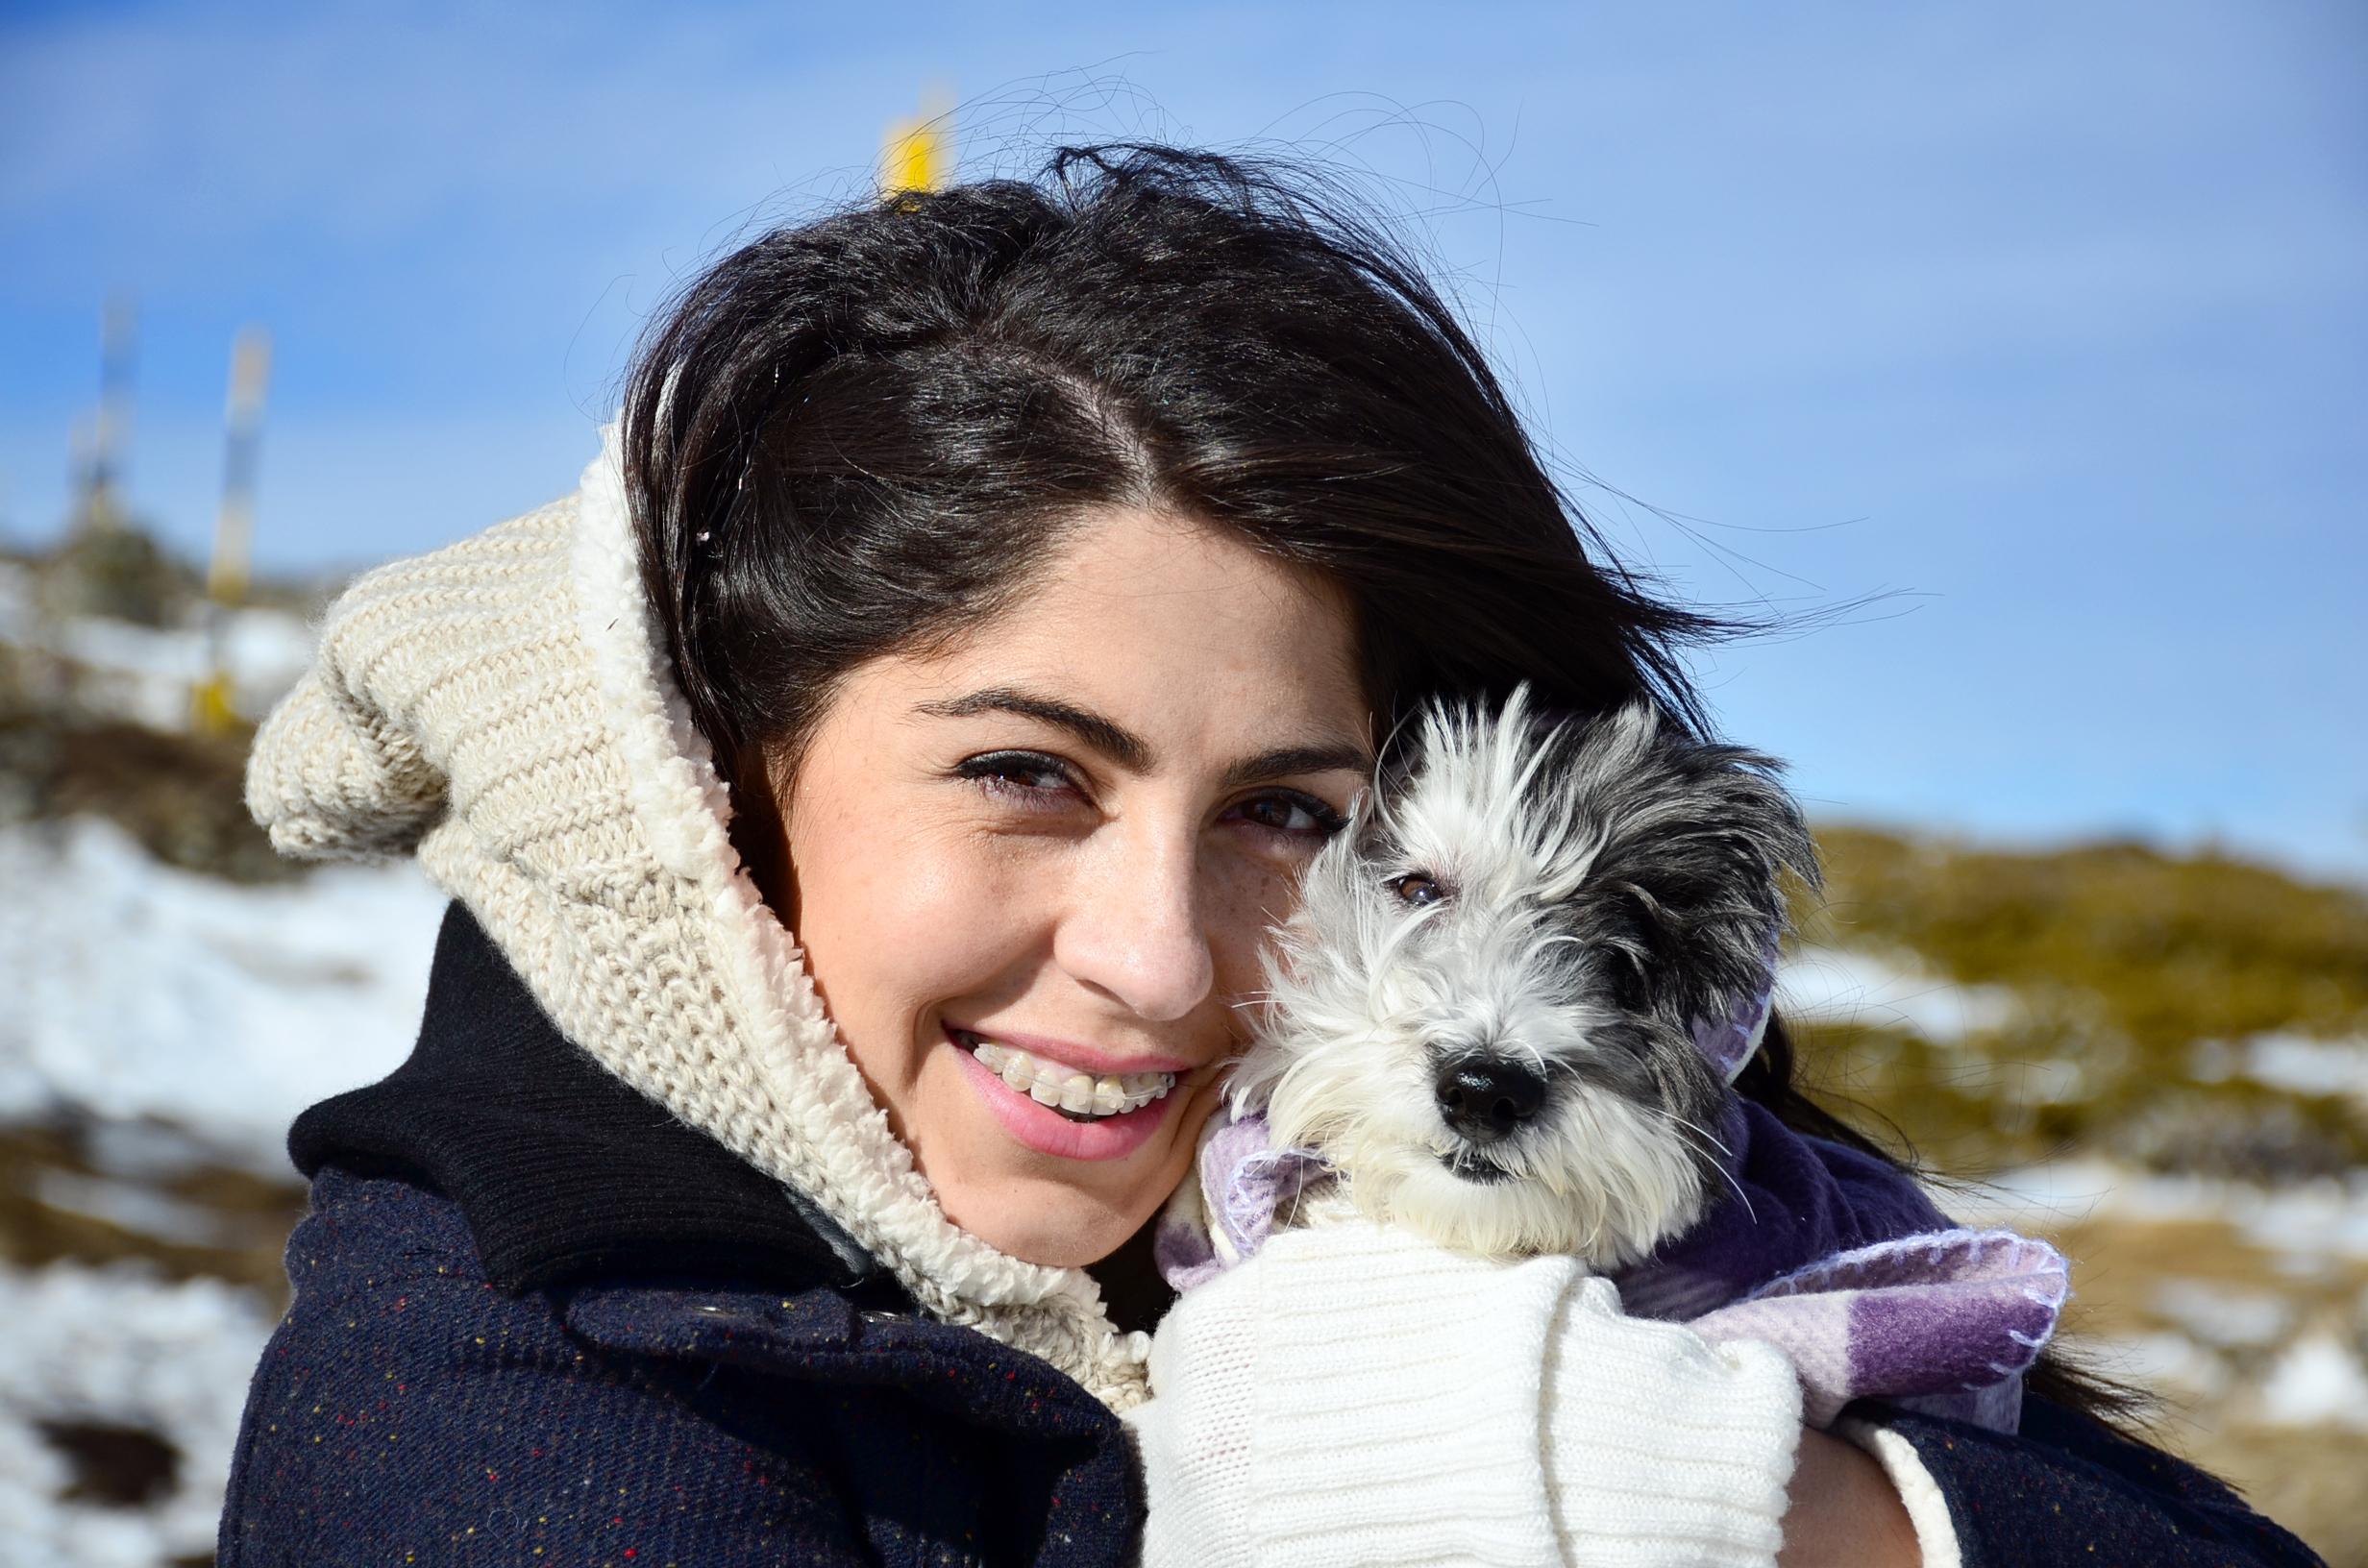 I den aktuella studien såg man till skillnad från tidigare studier en ökning av hormonet oxytocin hos hundägare och hunden vid samma tillfälle.